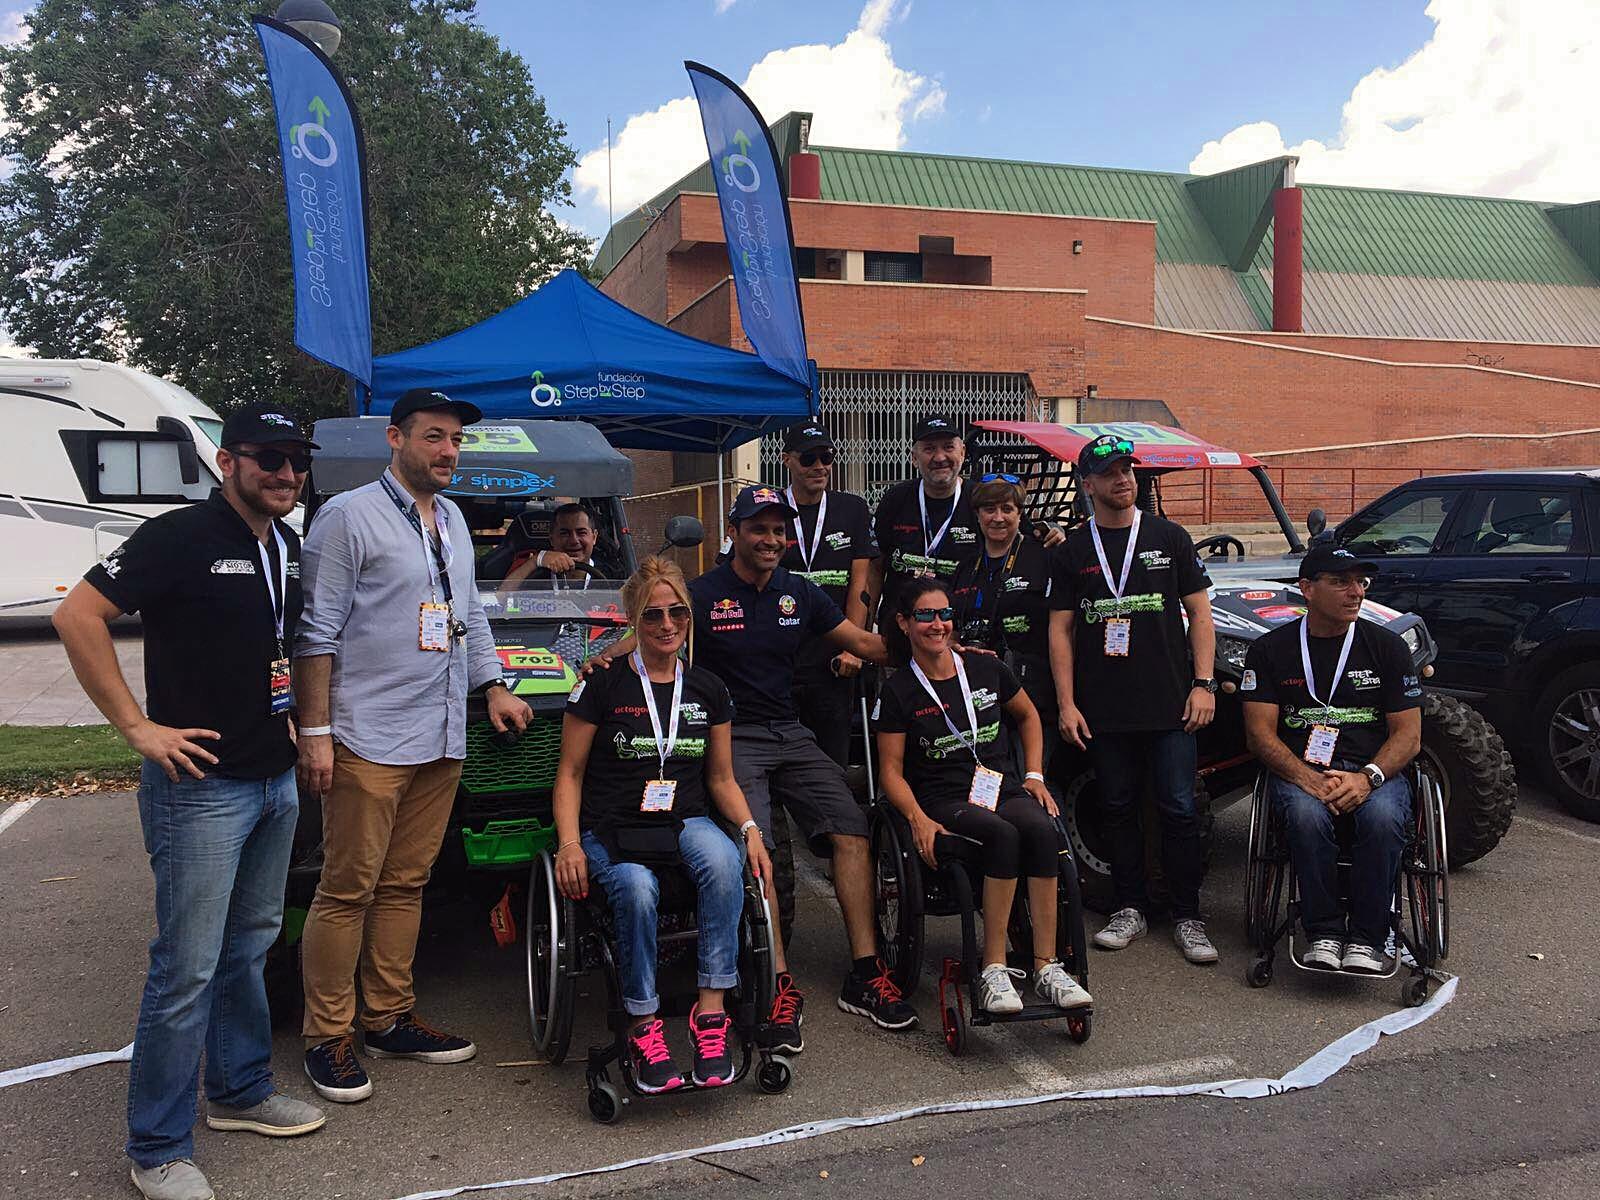 ParaBaja'17 Y Nuestro STEP Jordi Serra Campeón En La Baja SPAIN 2017